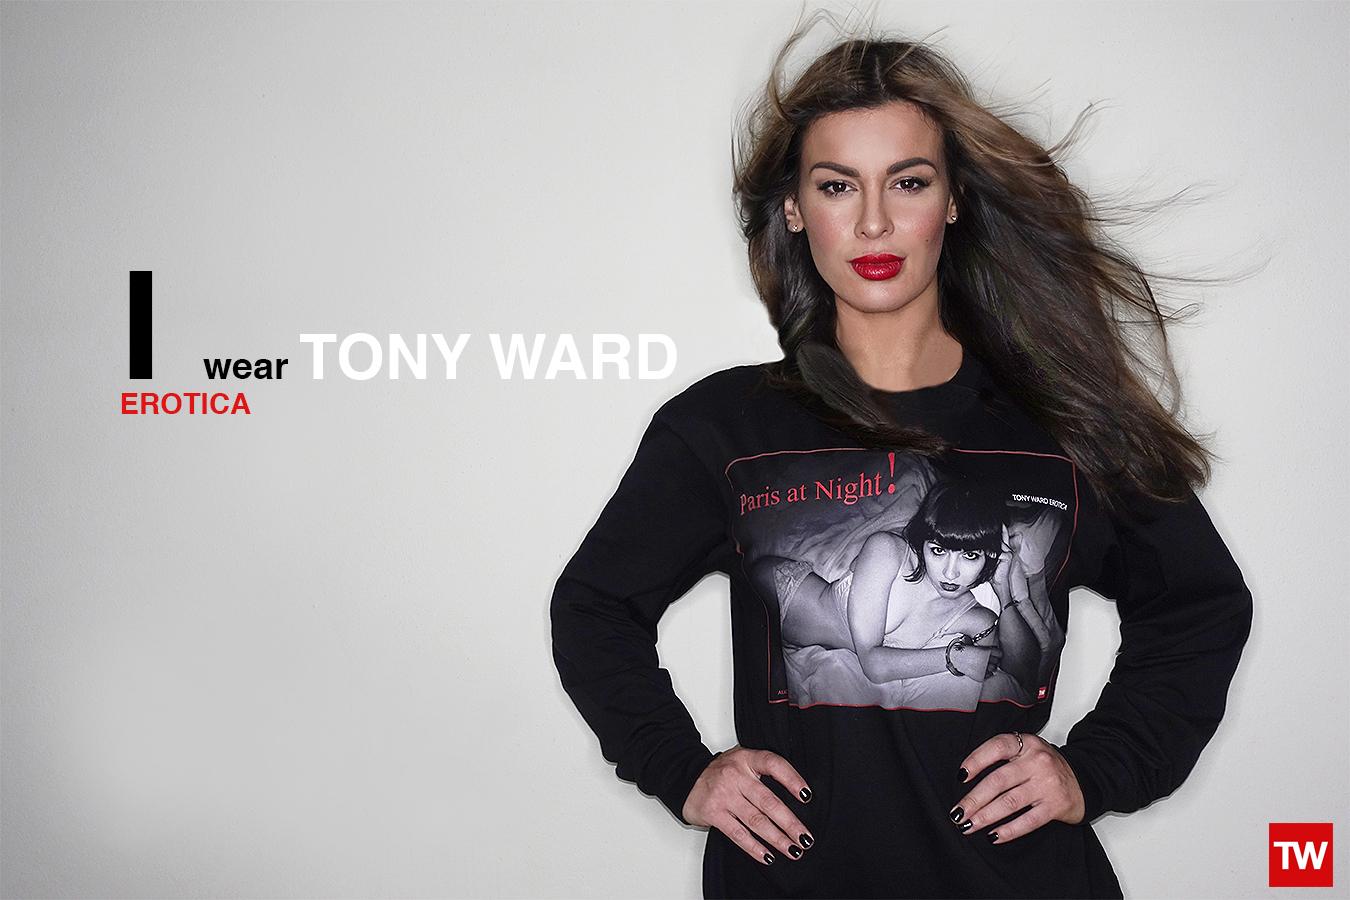 Tony_Ward_Studio_longsleeve_Paris_at_night_Tee_I_wear_erotica